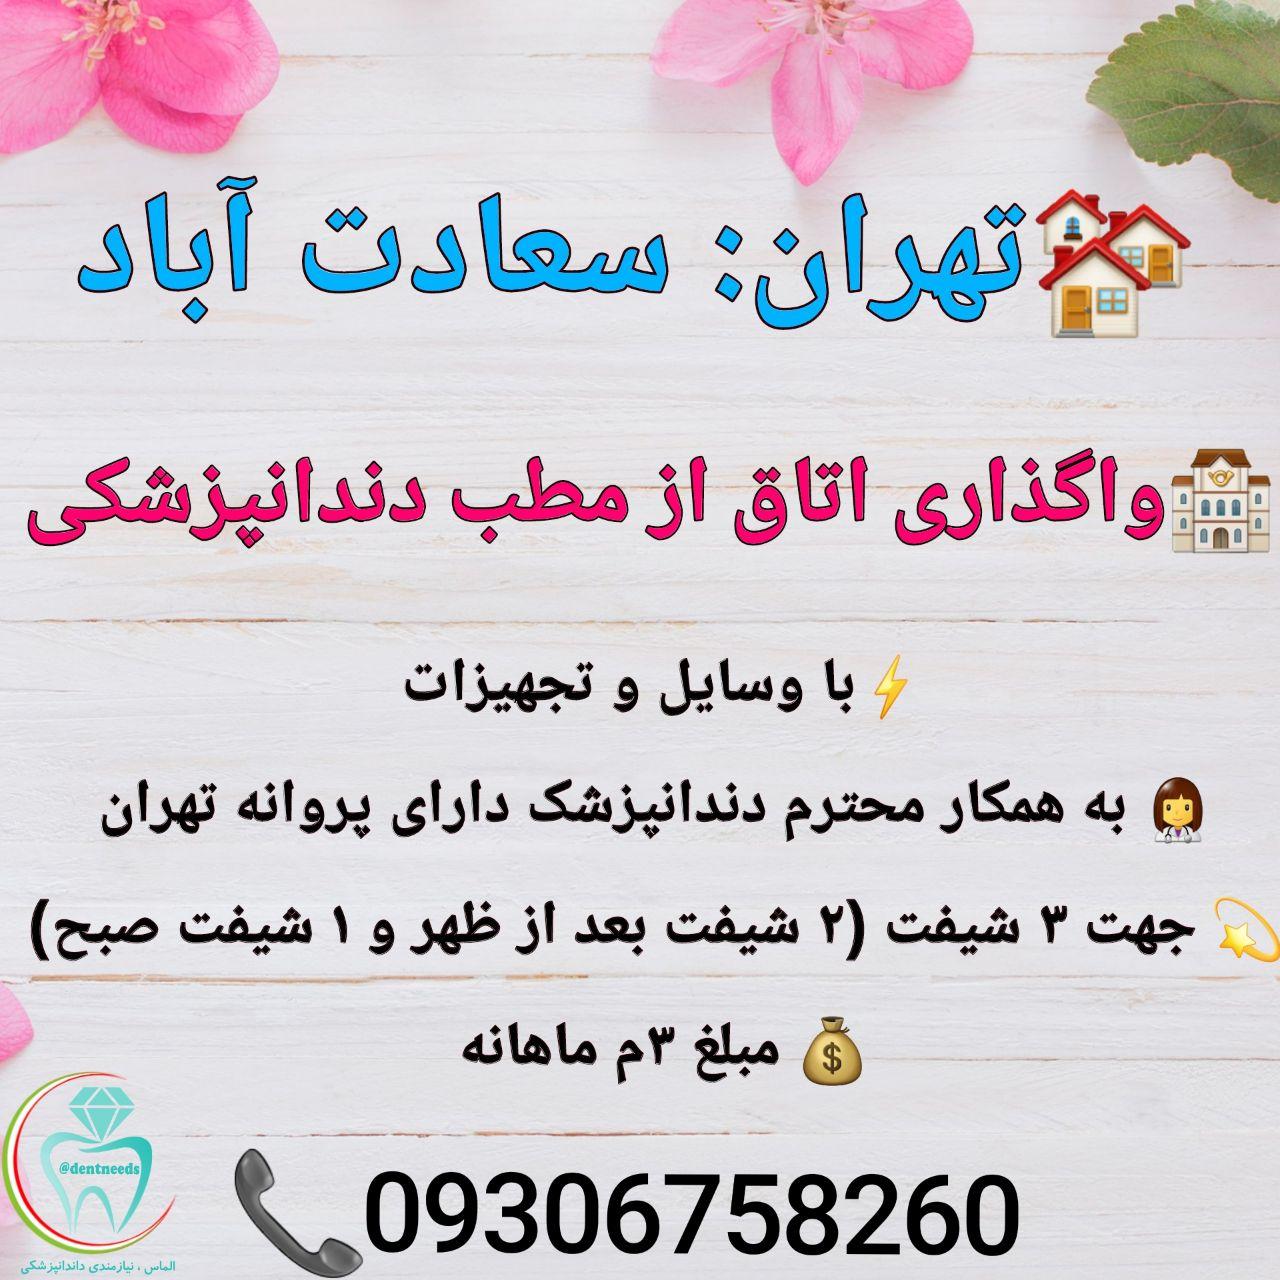 تهران: سعادت آباد، واگذاری اتاق از مطب دندانپزشکی